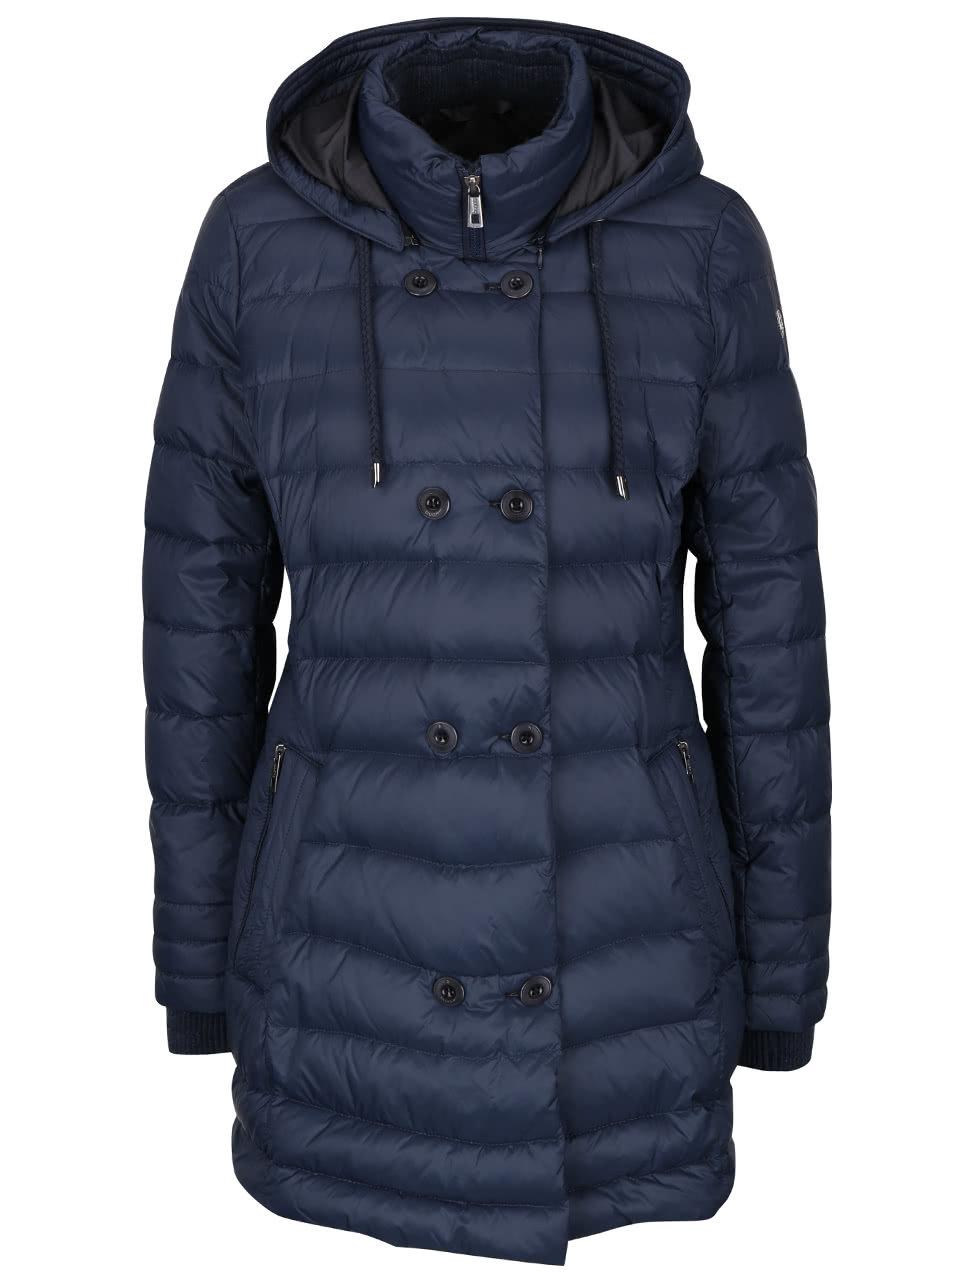 Tmavomodrý dámsky prešívaný kabát bugatti ... 579e155fb0